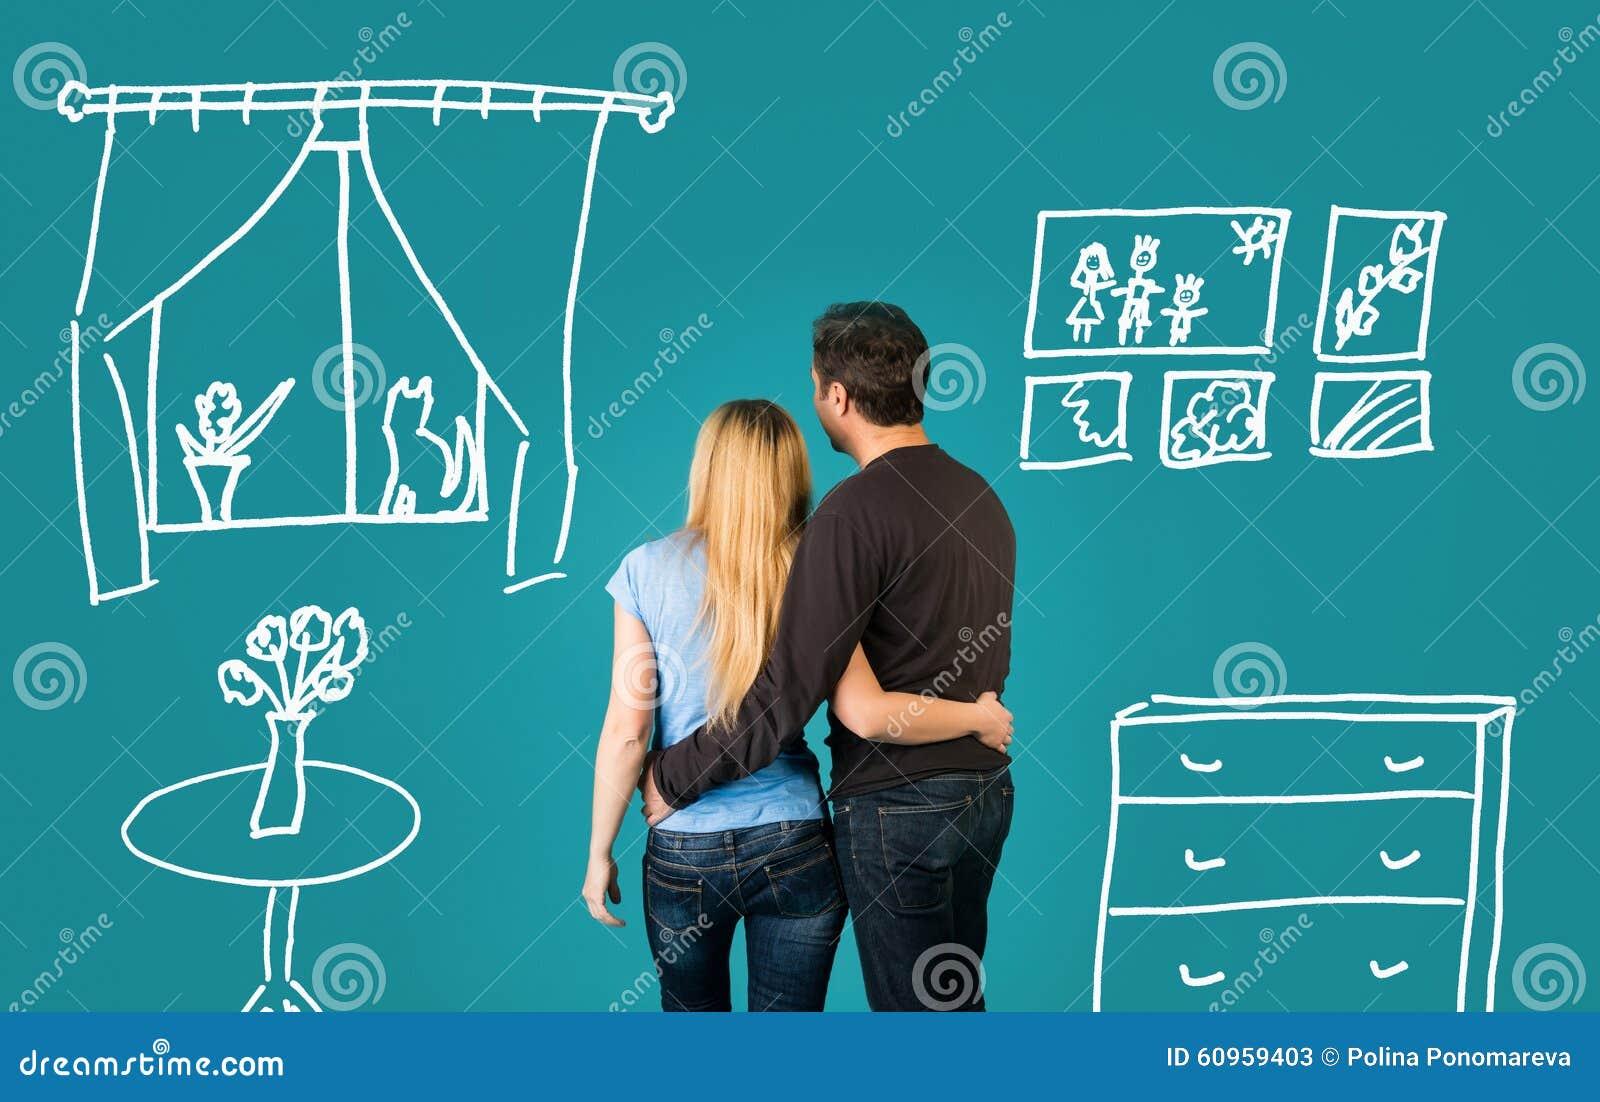 Gelukkig Paar die van Hun Nieuw Huis dromen en op Blauwe Achtergrond leveren